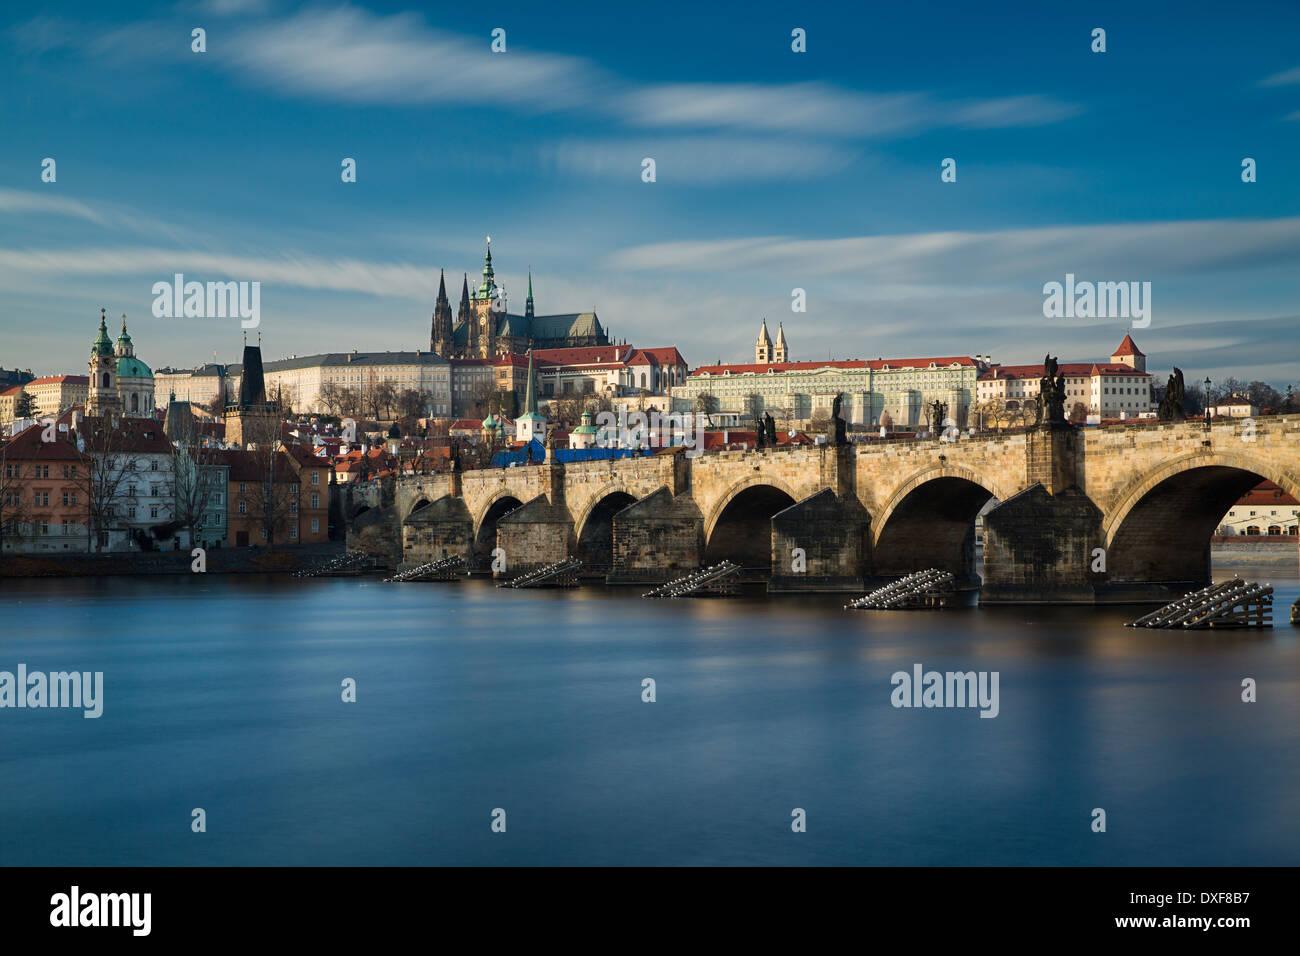 Il quartiere del castello, la Cattedrale di San Vito e il Ponte Carlo sul fiume Moldava, Praga, Repubblica Ceca Immagini Stock